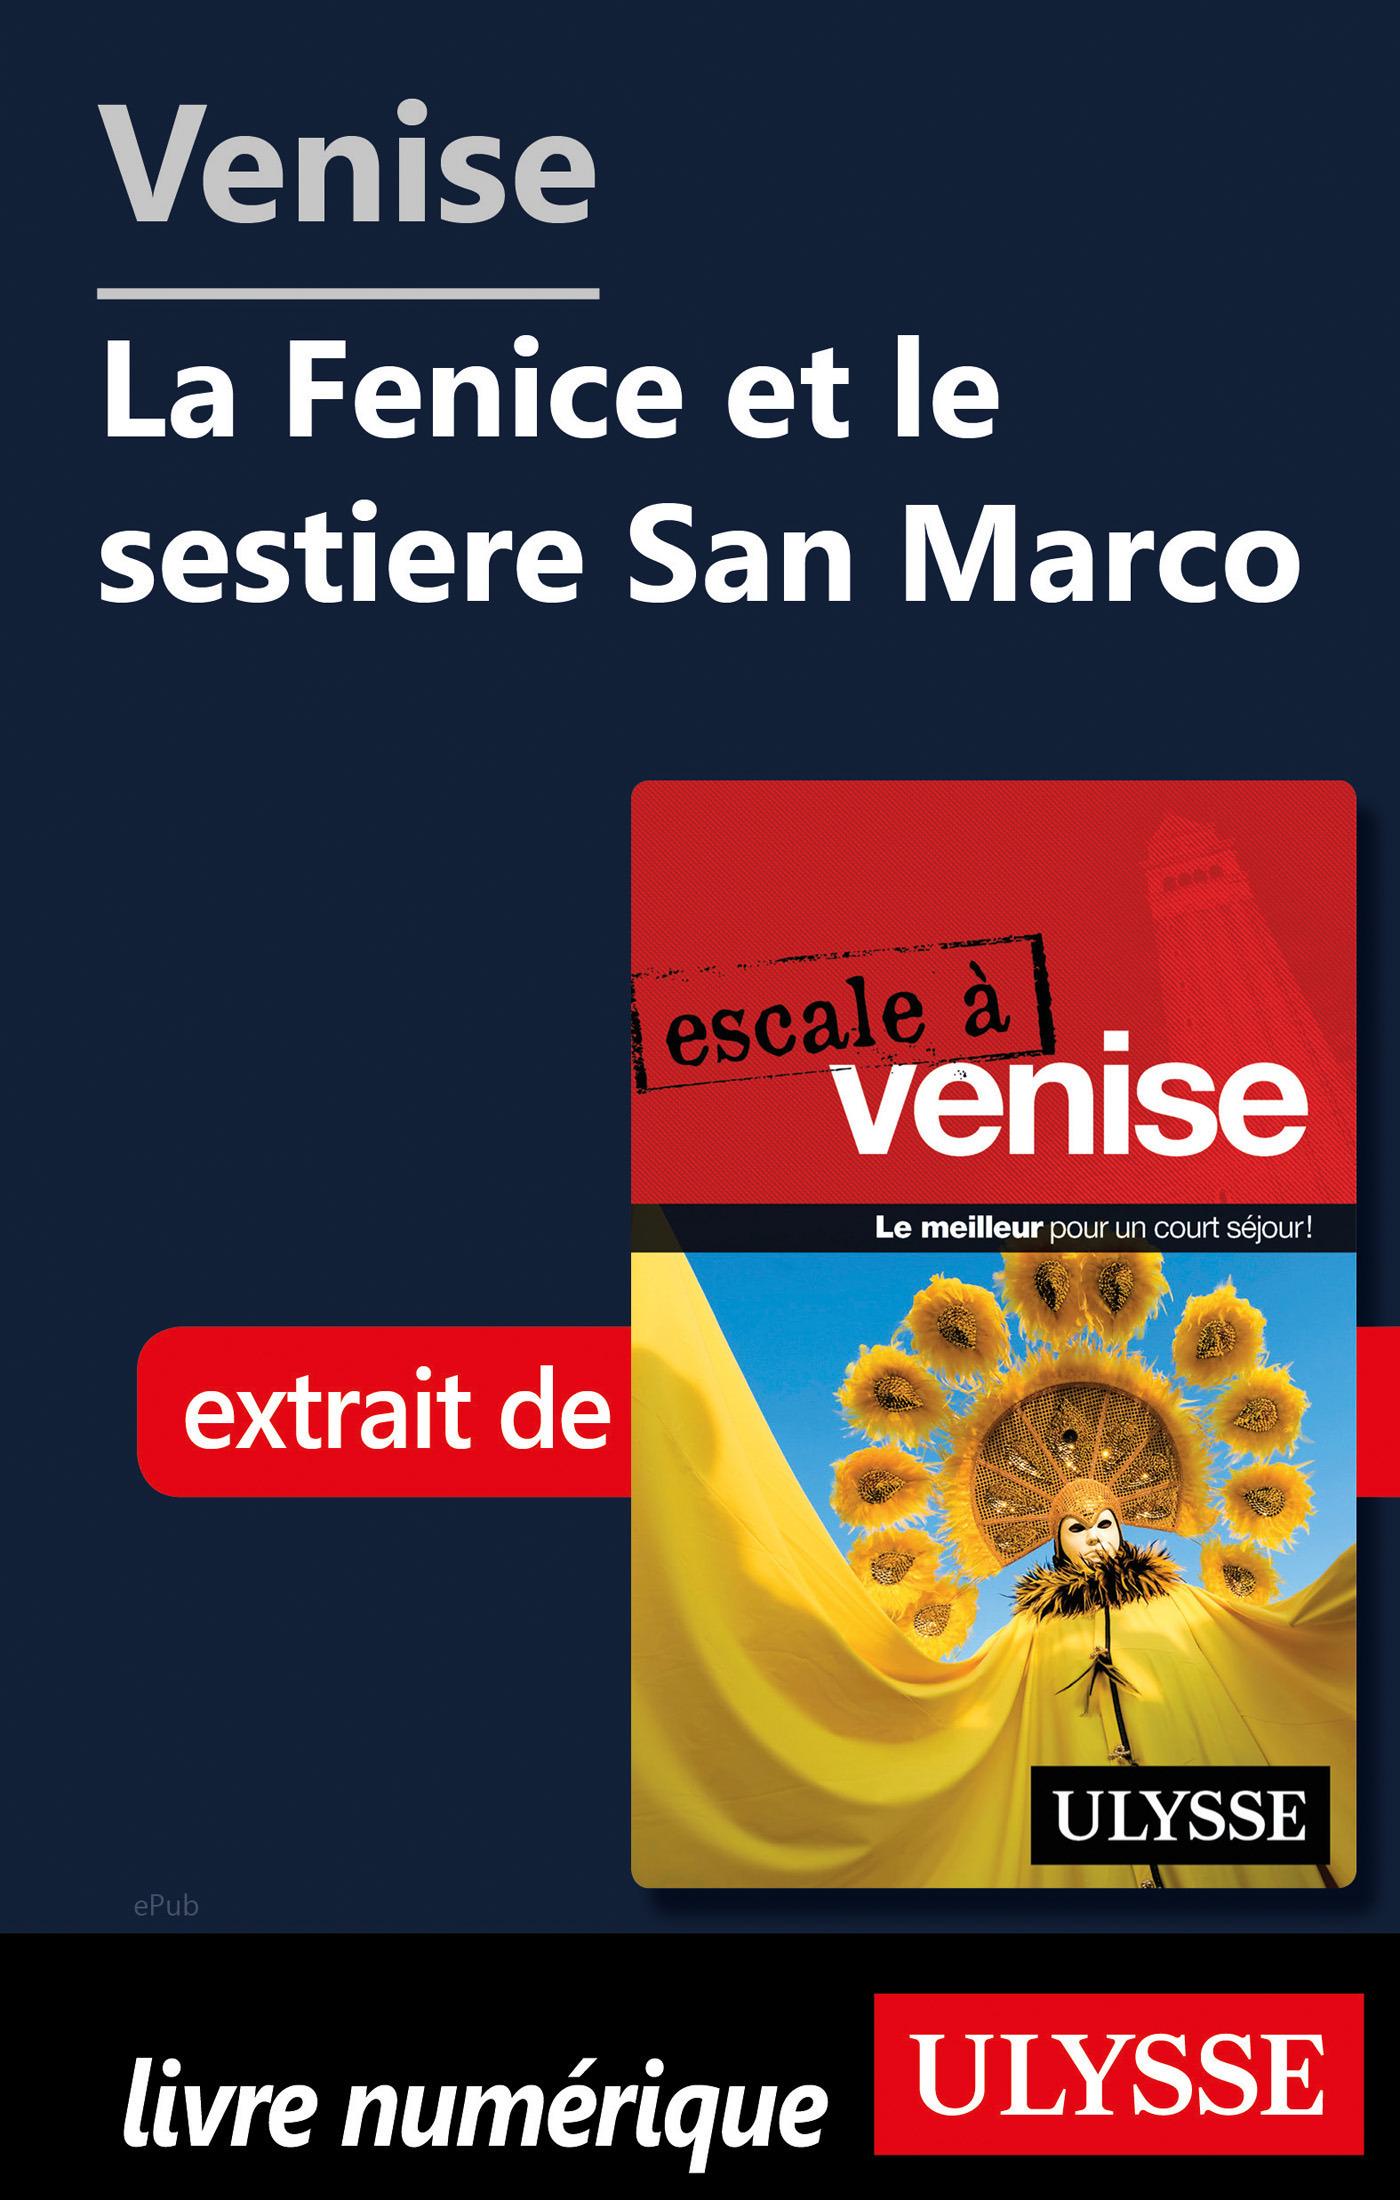 Venise - La Fenice et le sestiere San Marco (ebook)